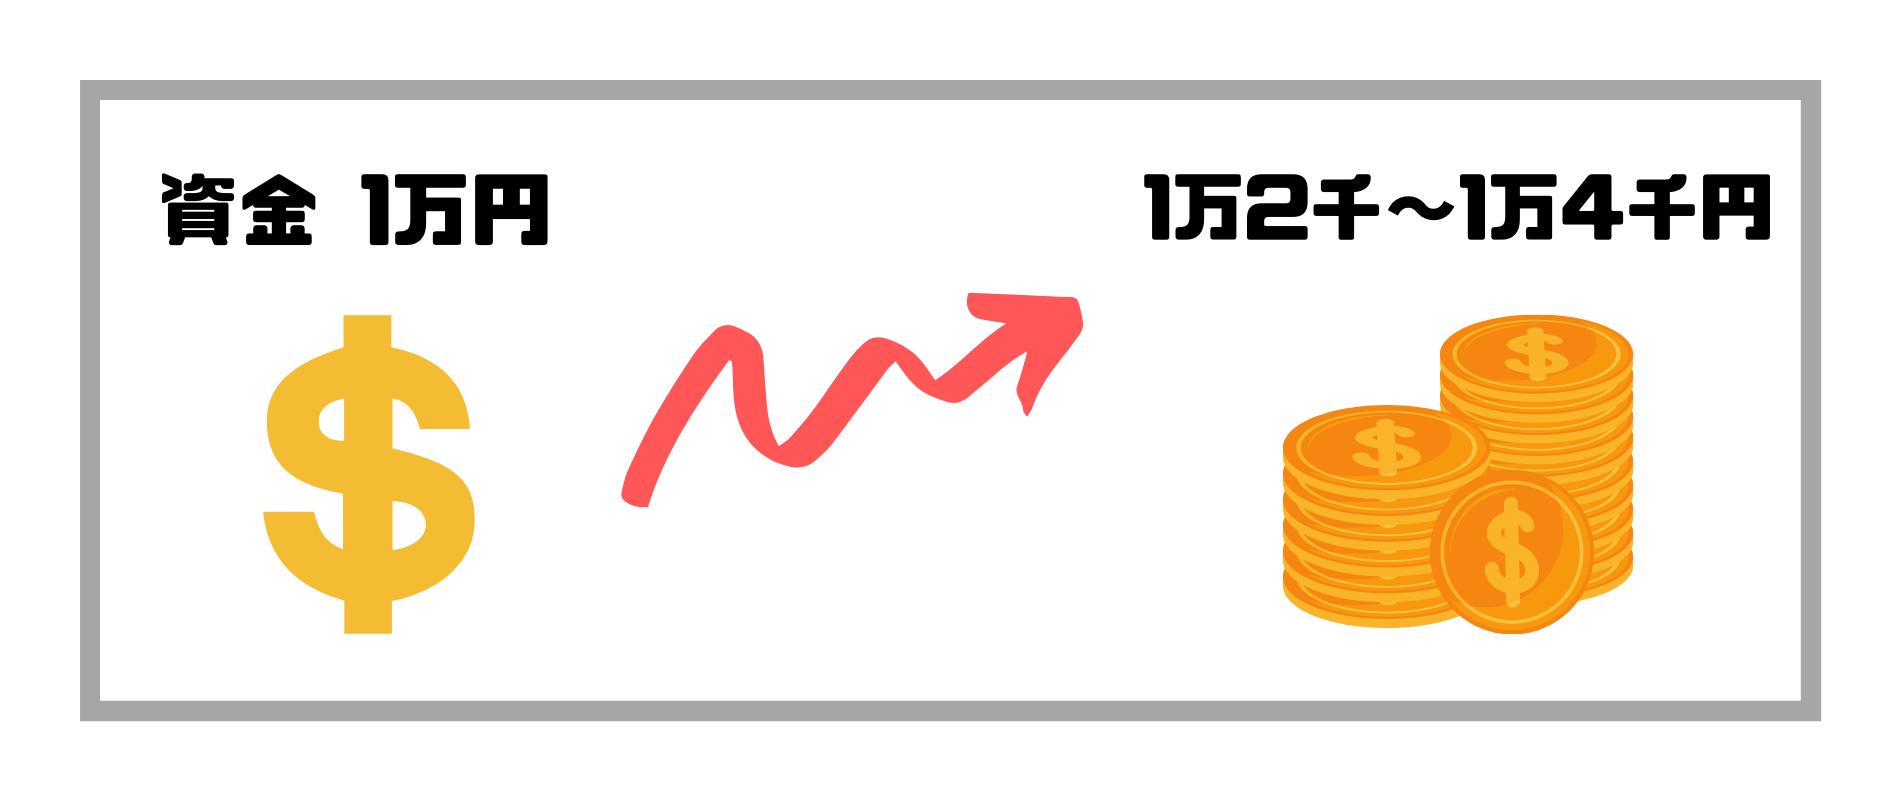 FX儲かる_資金1万円